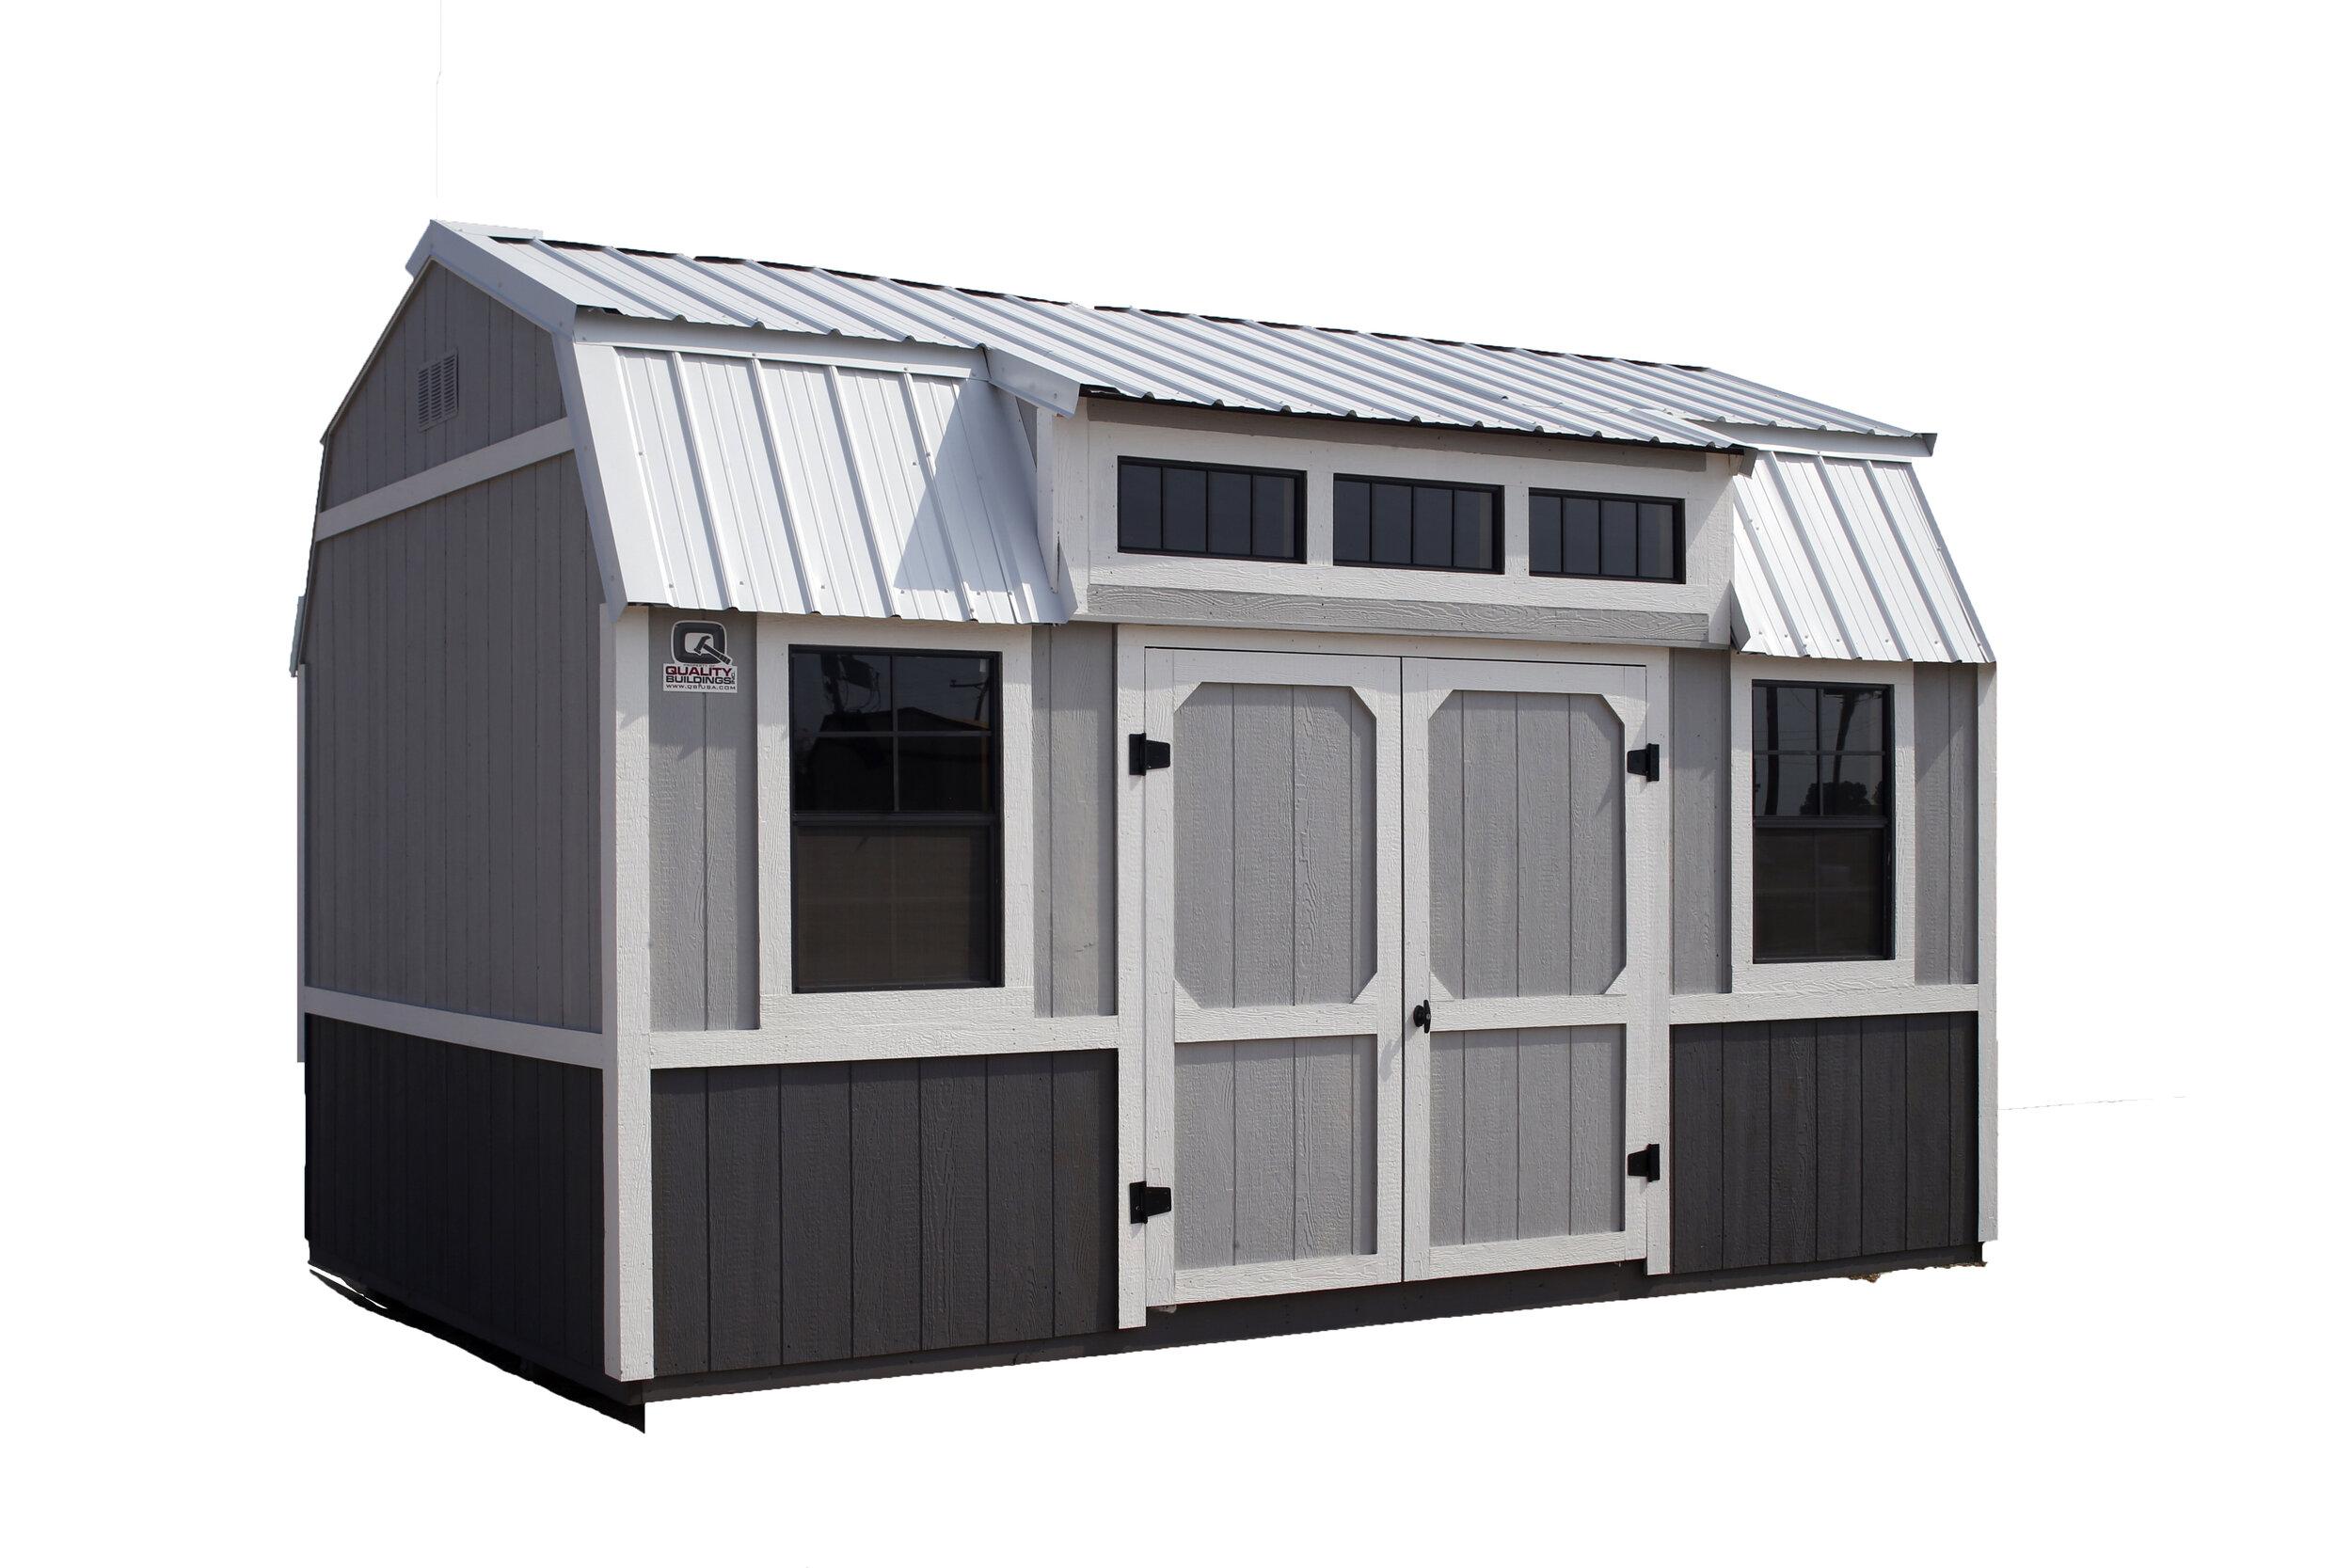 Dormer Side Loft Storage Building -